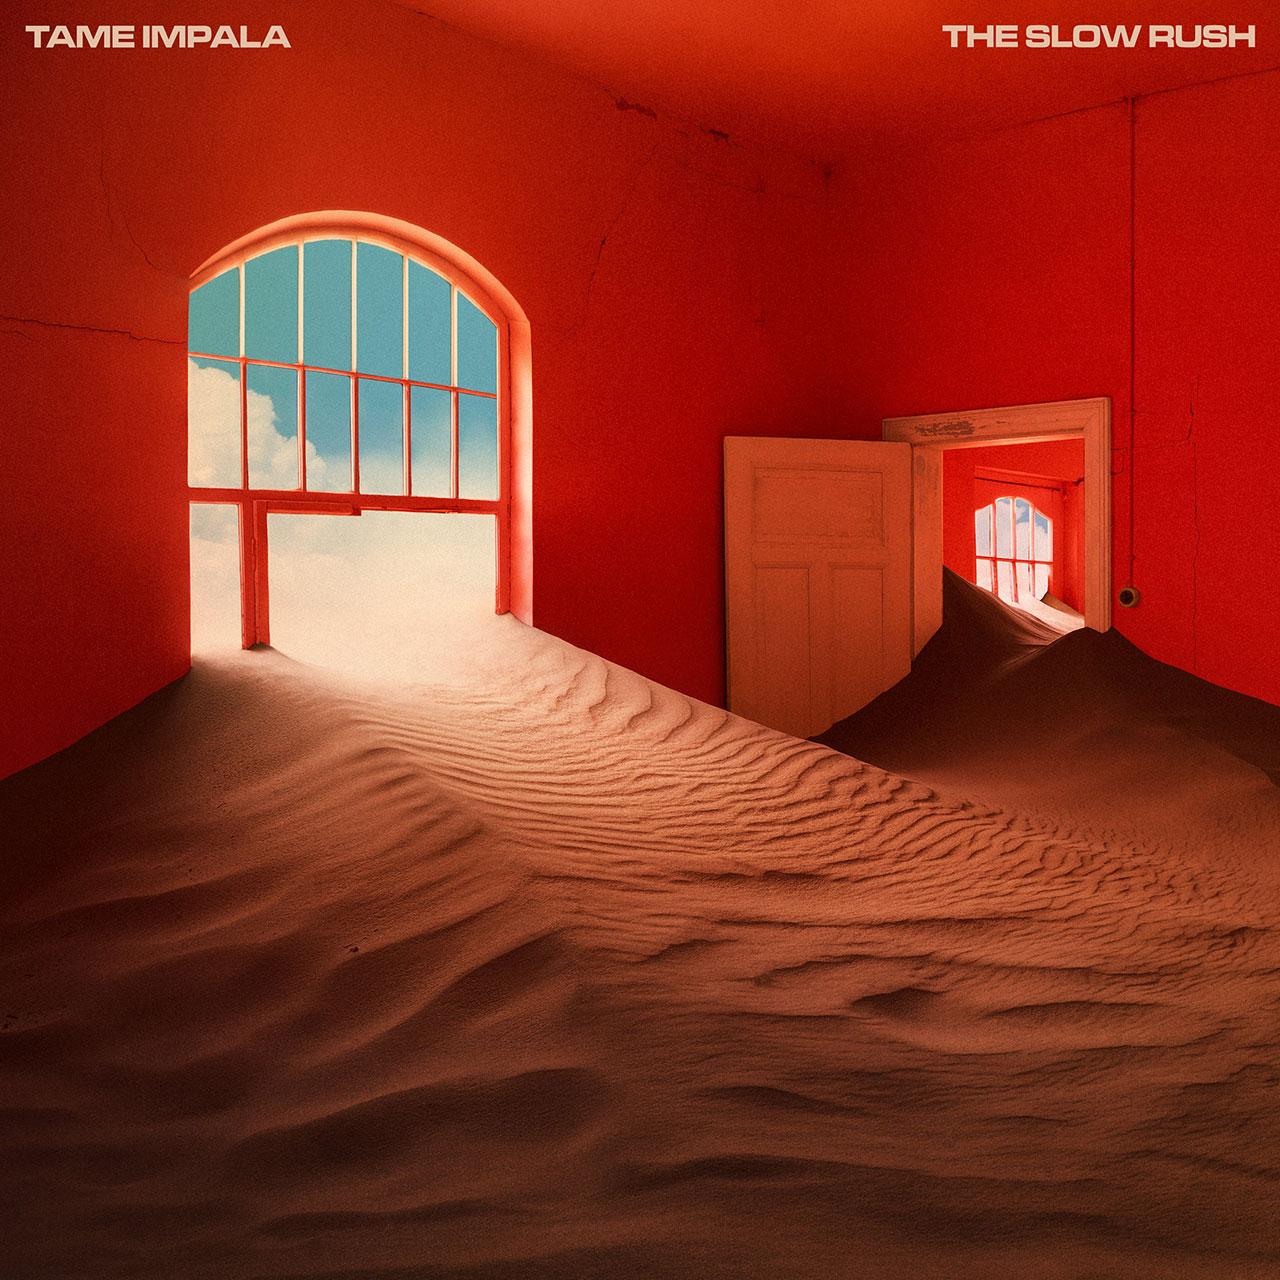 音楽感想 Tame Impala「The Slow Rush」